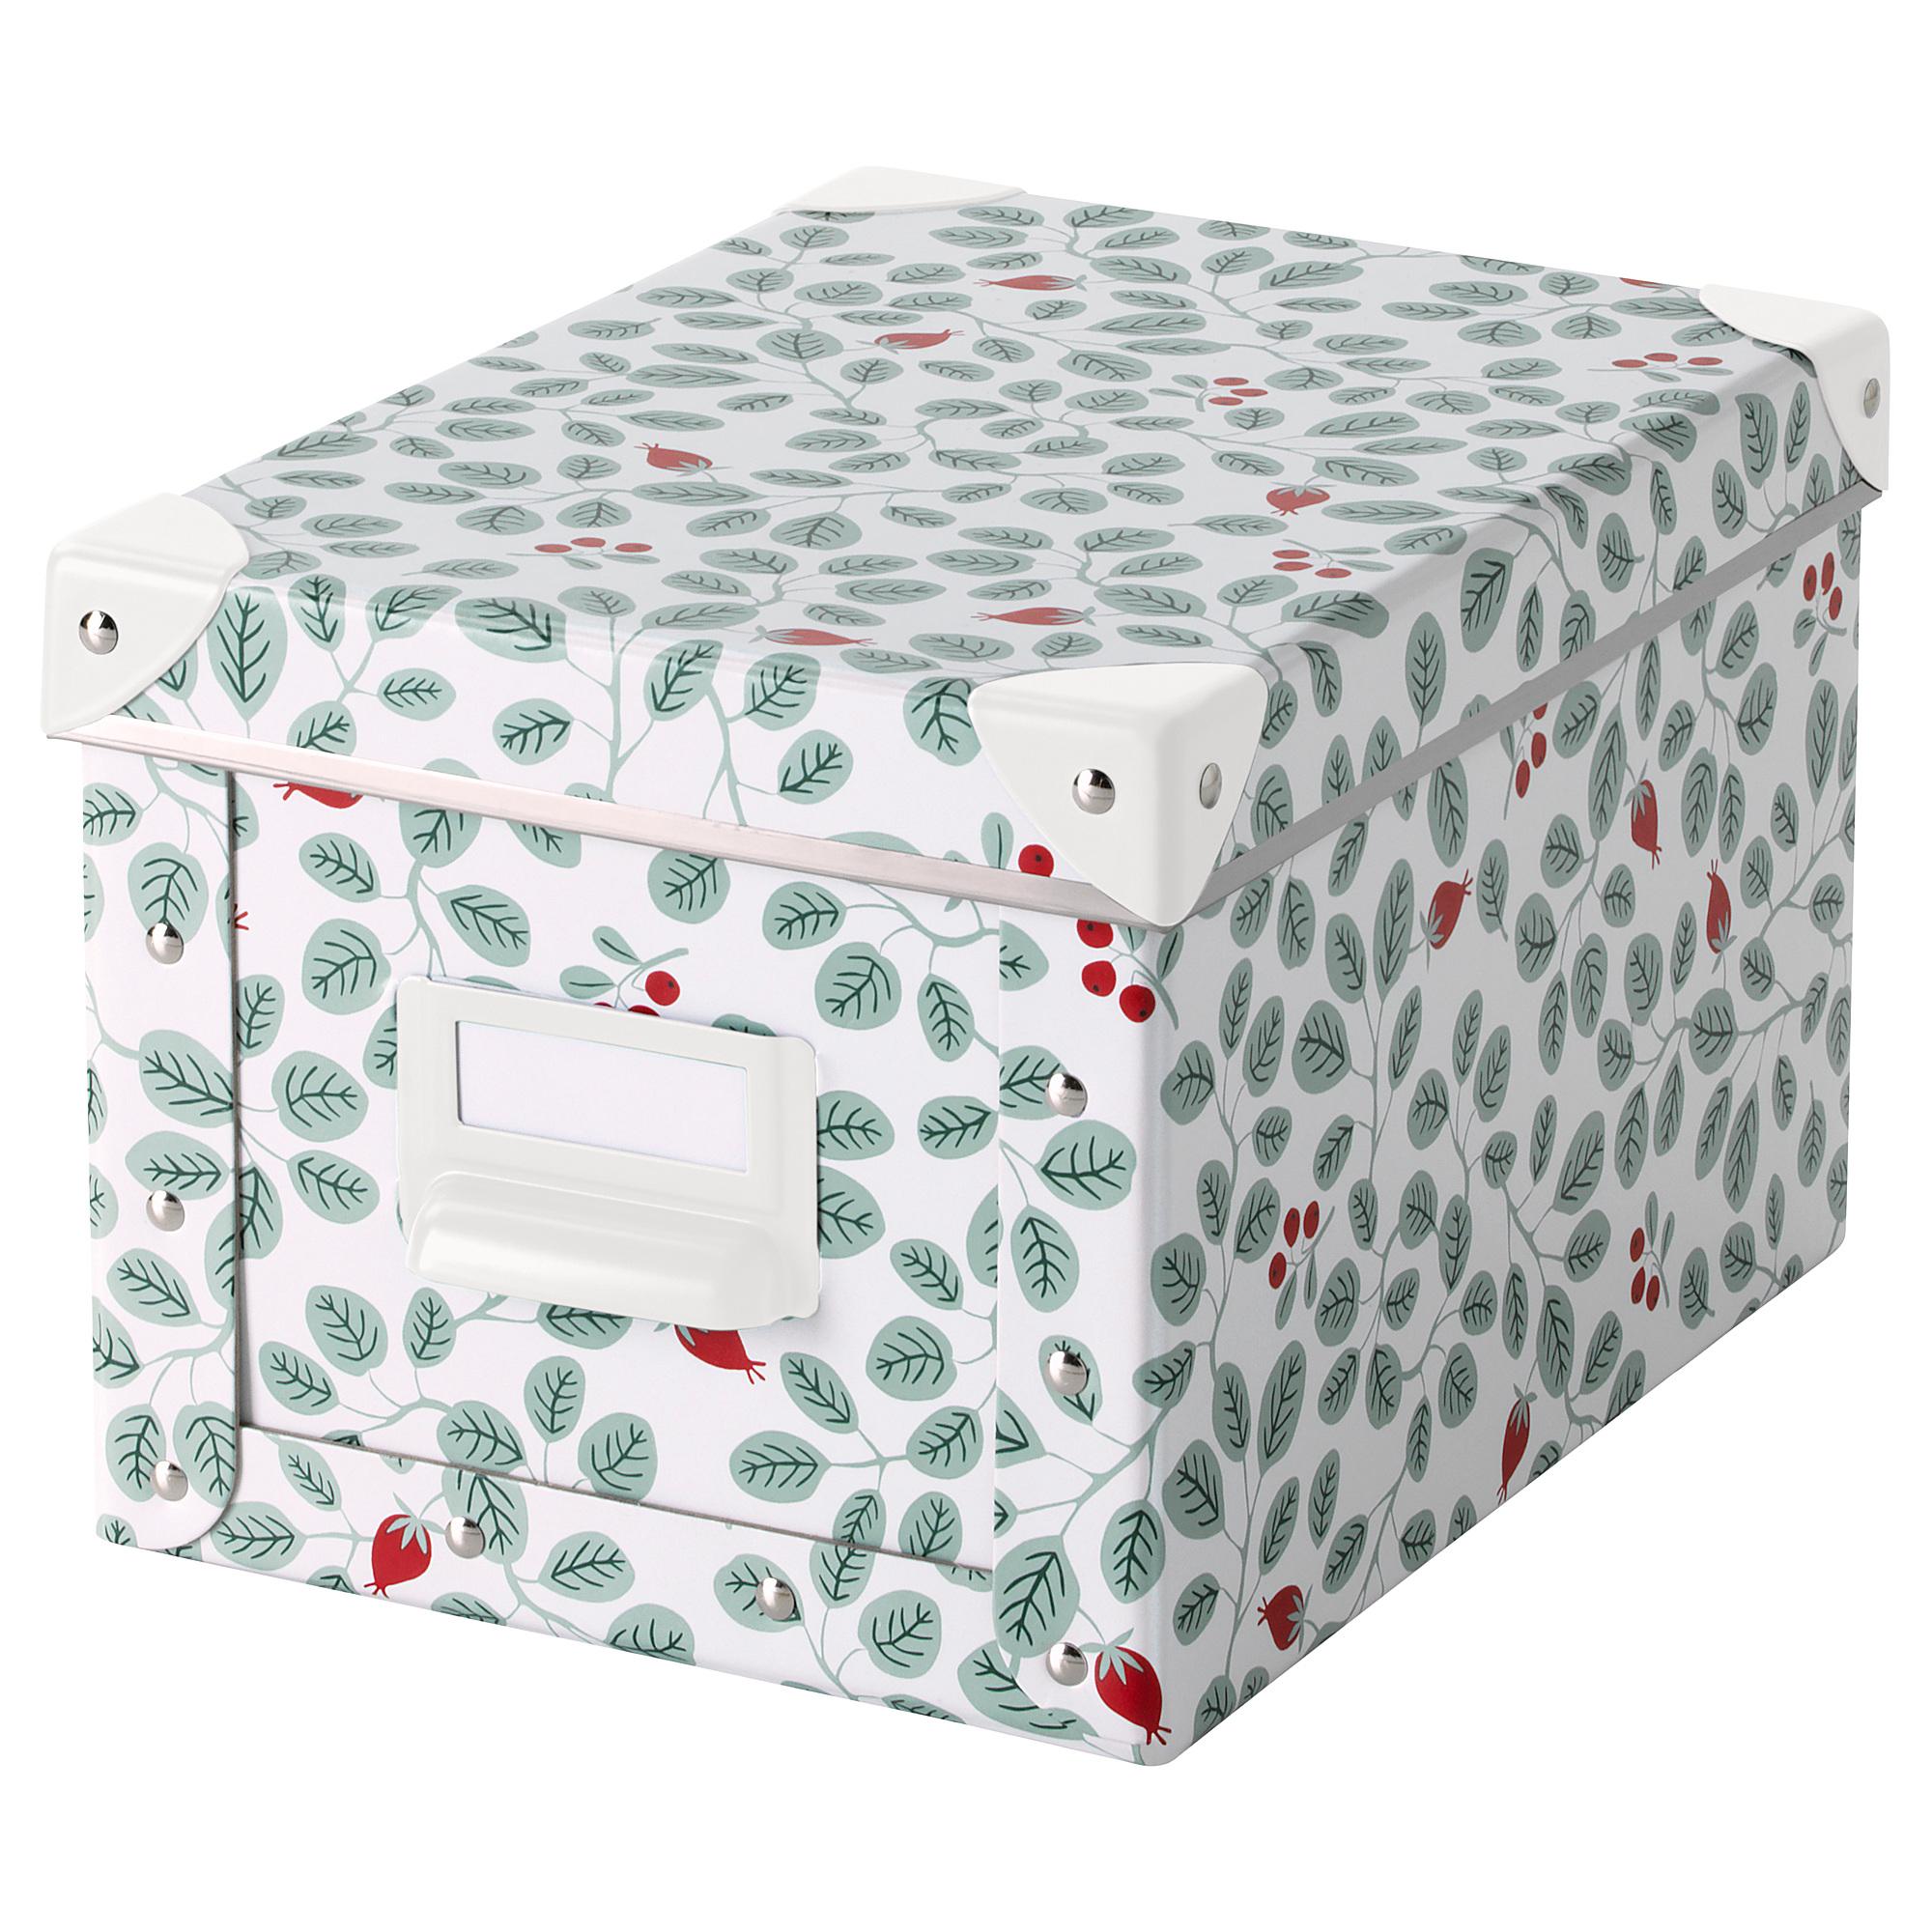 Коробка с крышкой ФЬЕЛЛА зеленый артикуль № 203.991.93 в наличии. Интернет каталог ИКЕА РБ. Недорогая доставка и монтаж.